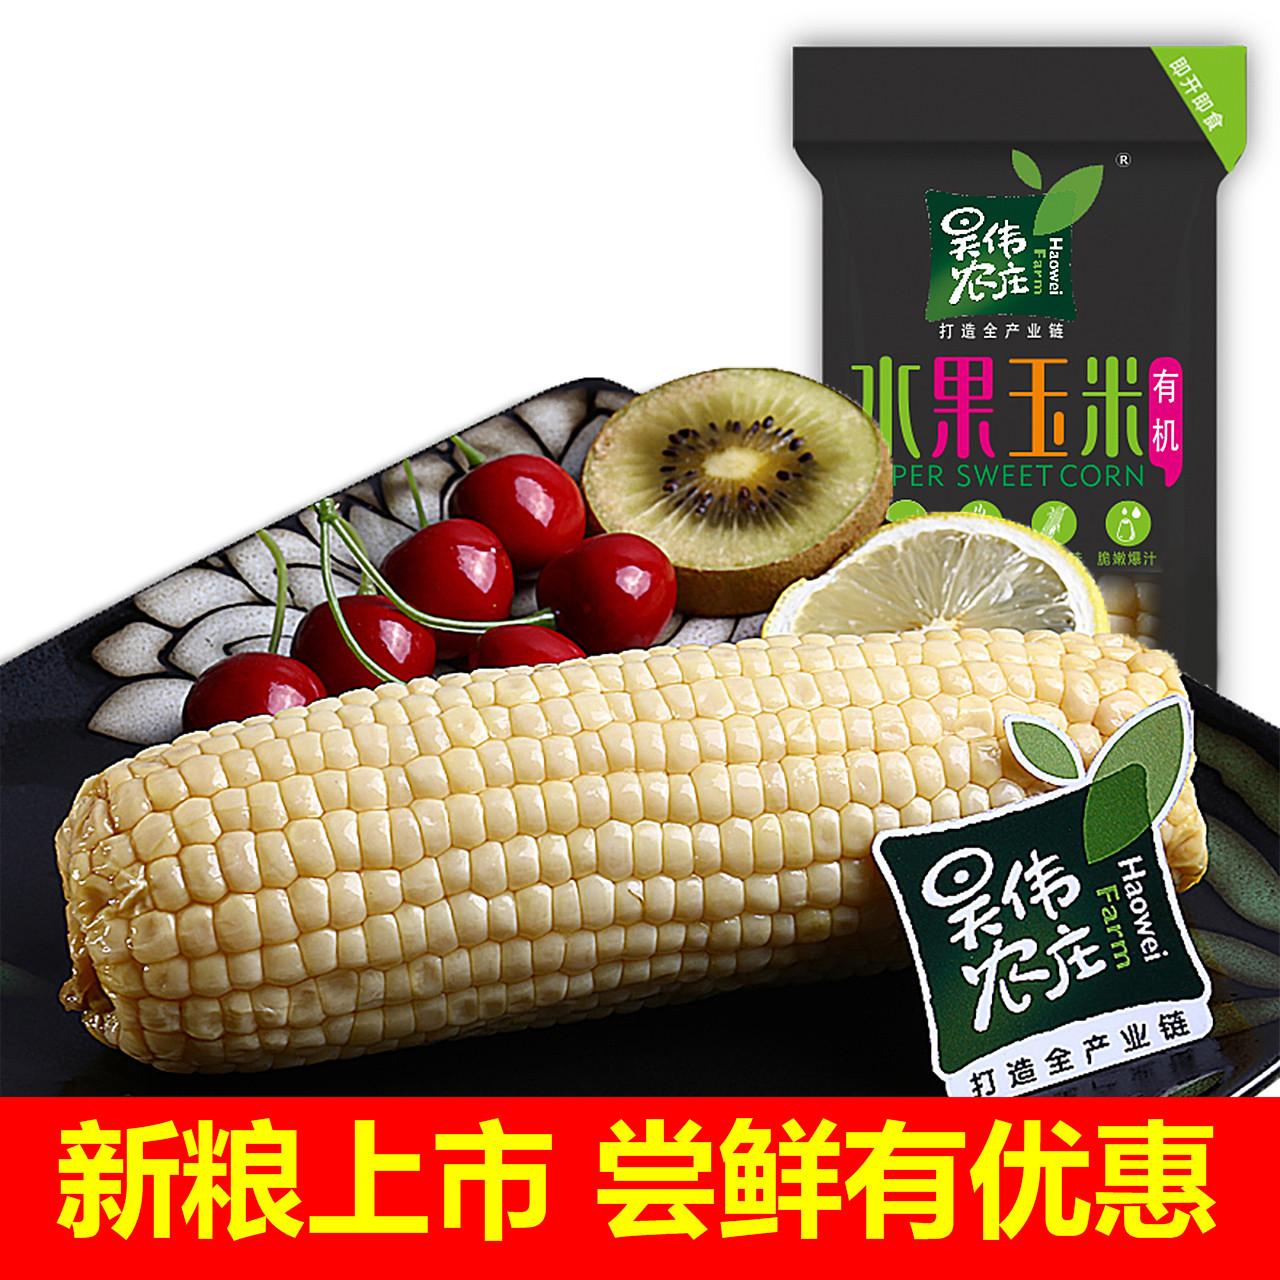 水果玉米棒冰糖爆浆甜玉米即食生吃零食非转基因牛奶真空袋装有机